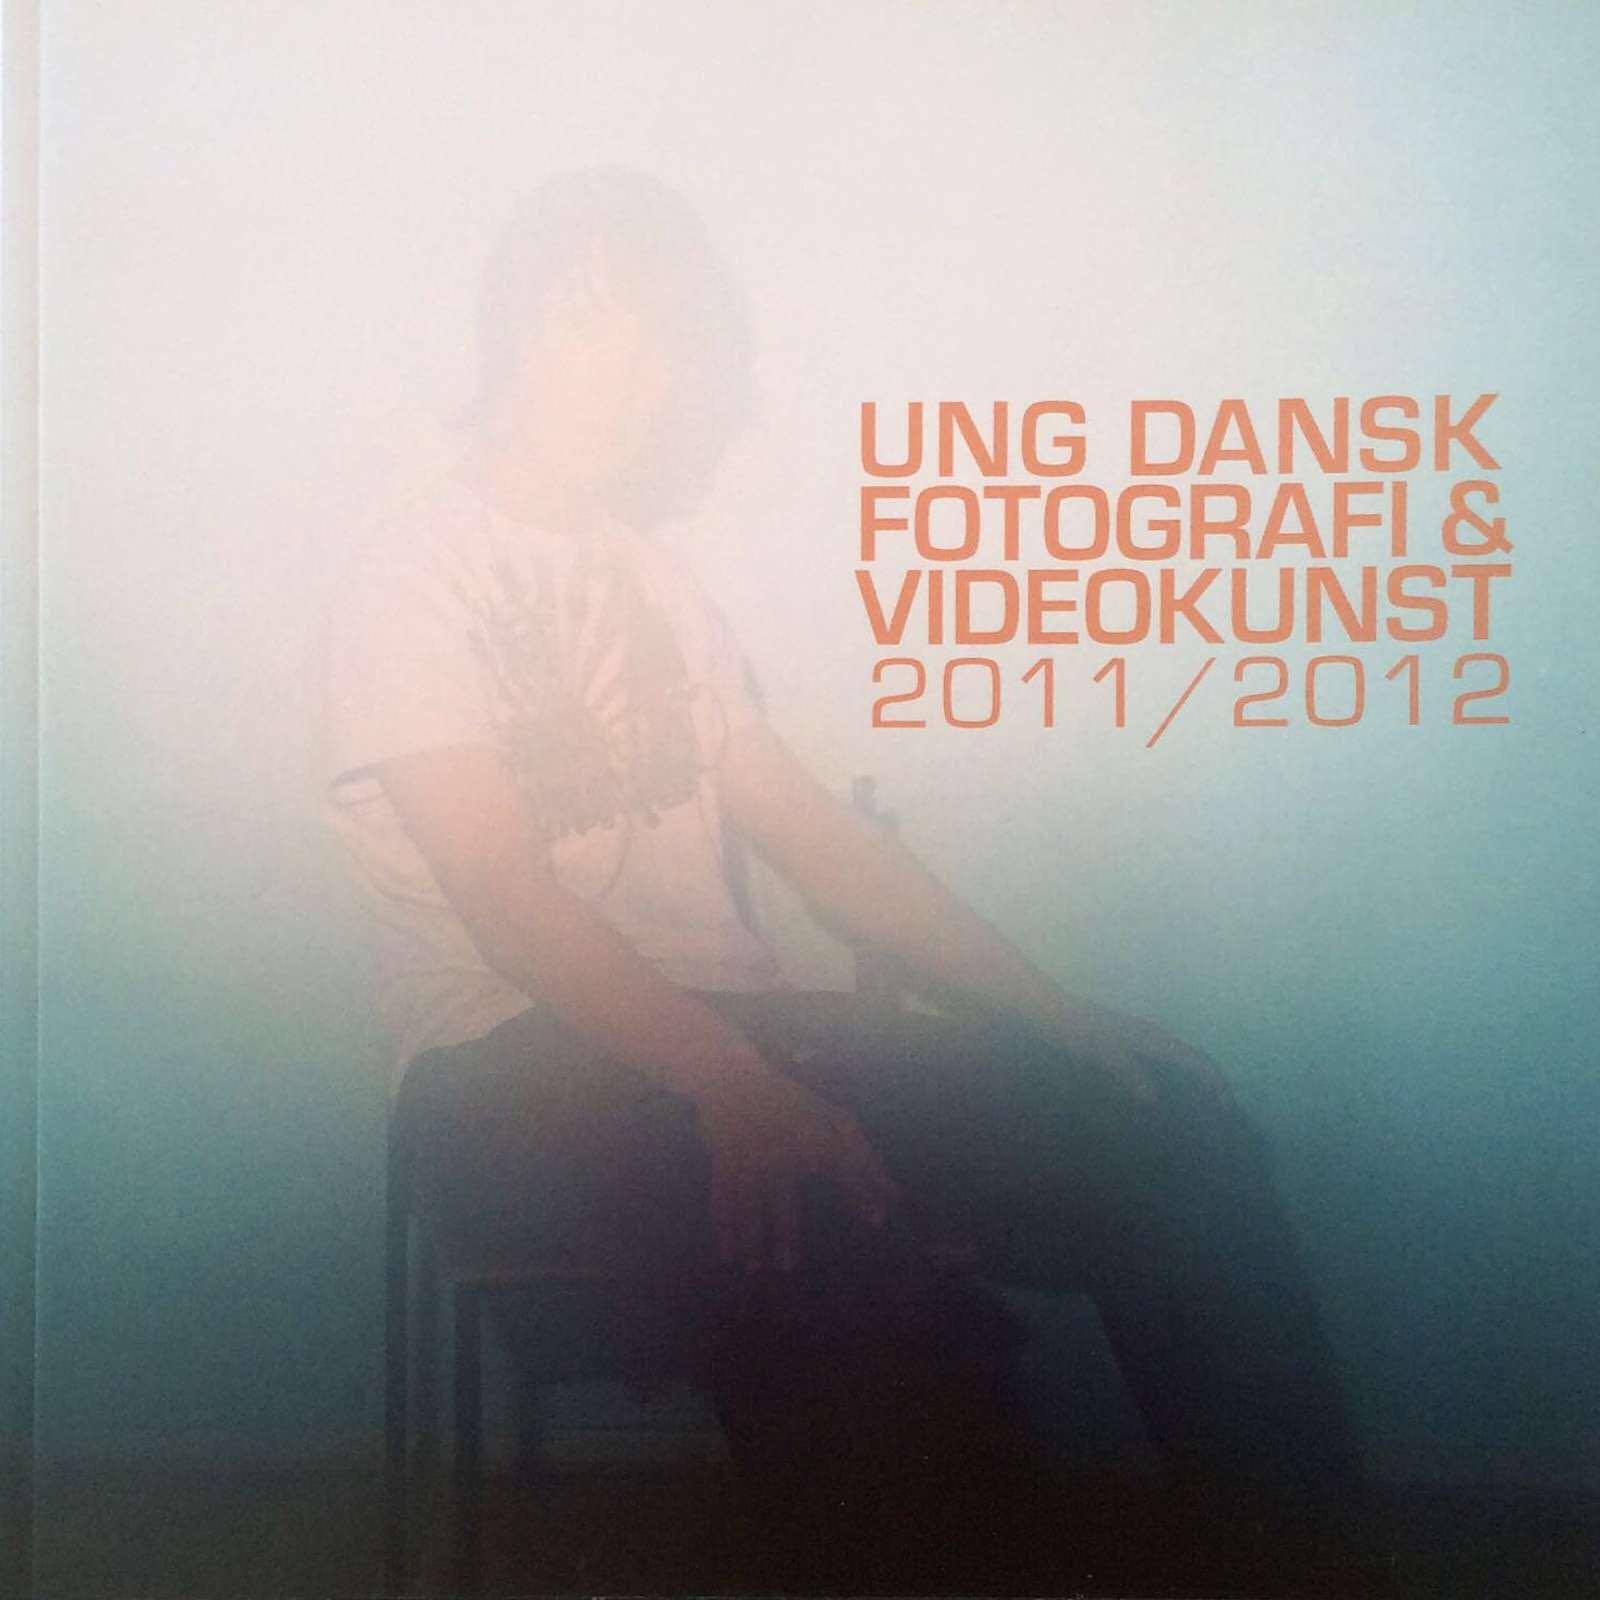 Ung dansk fotografi 2011-2012